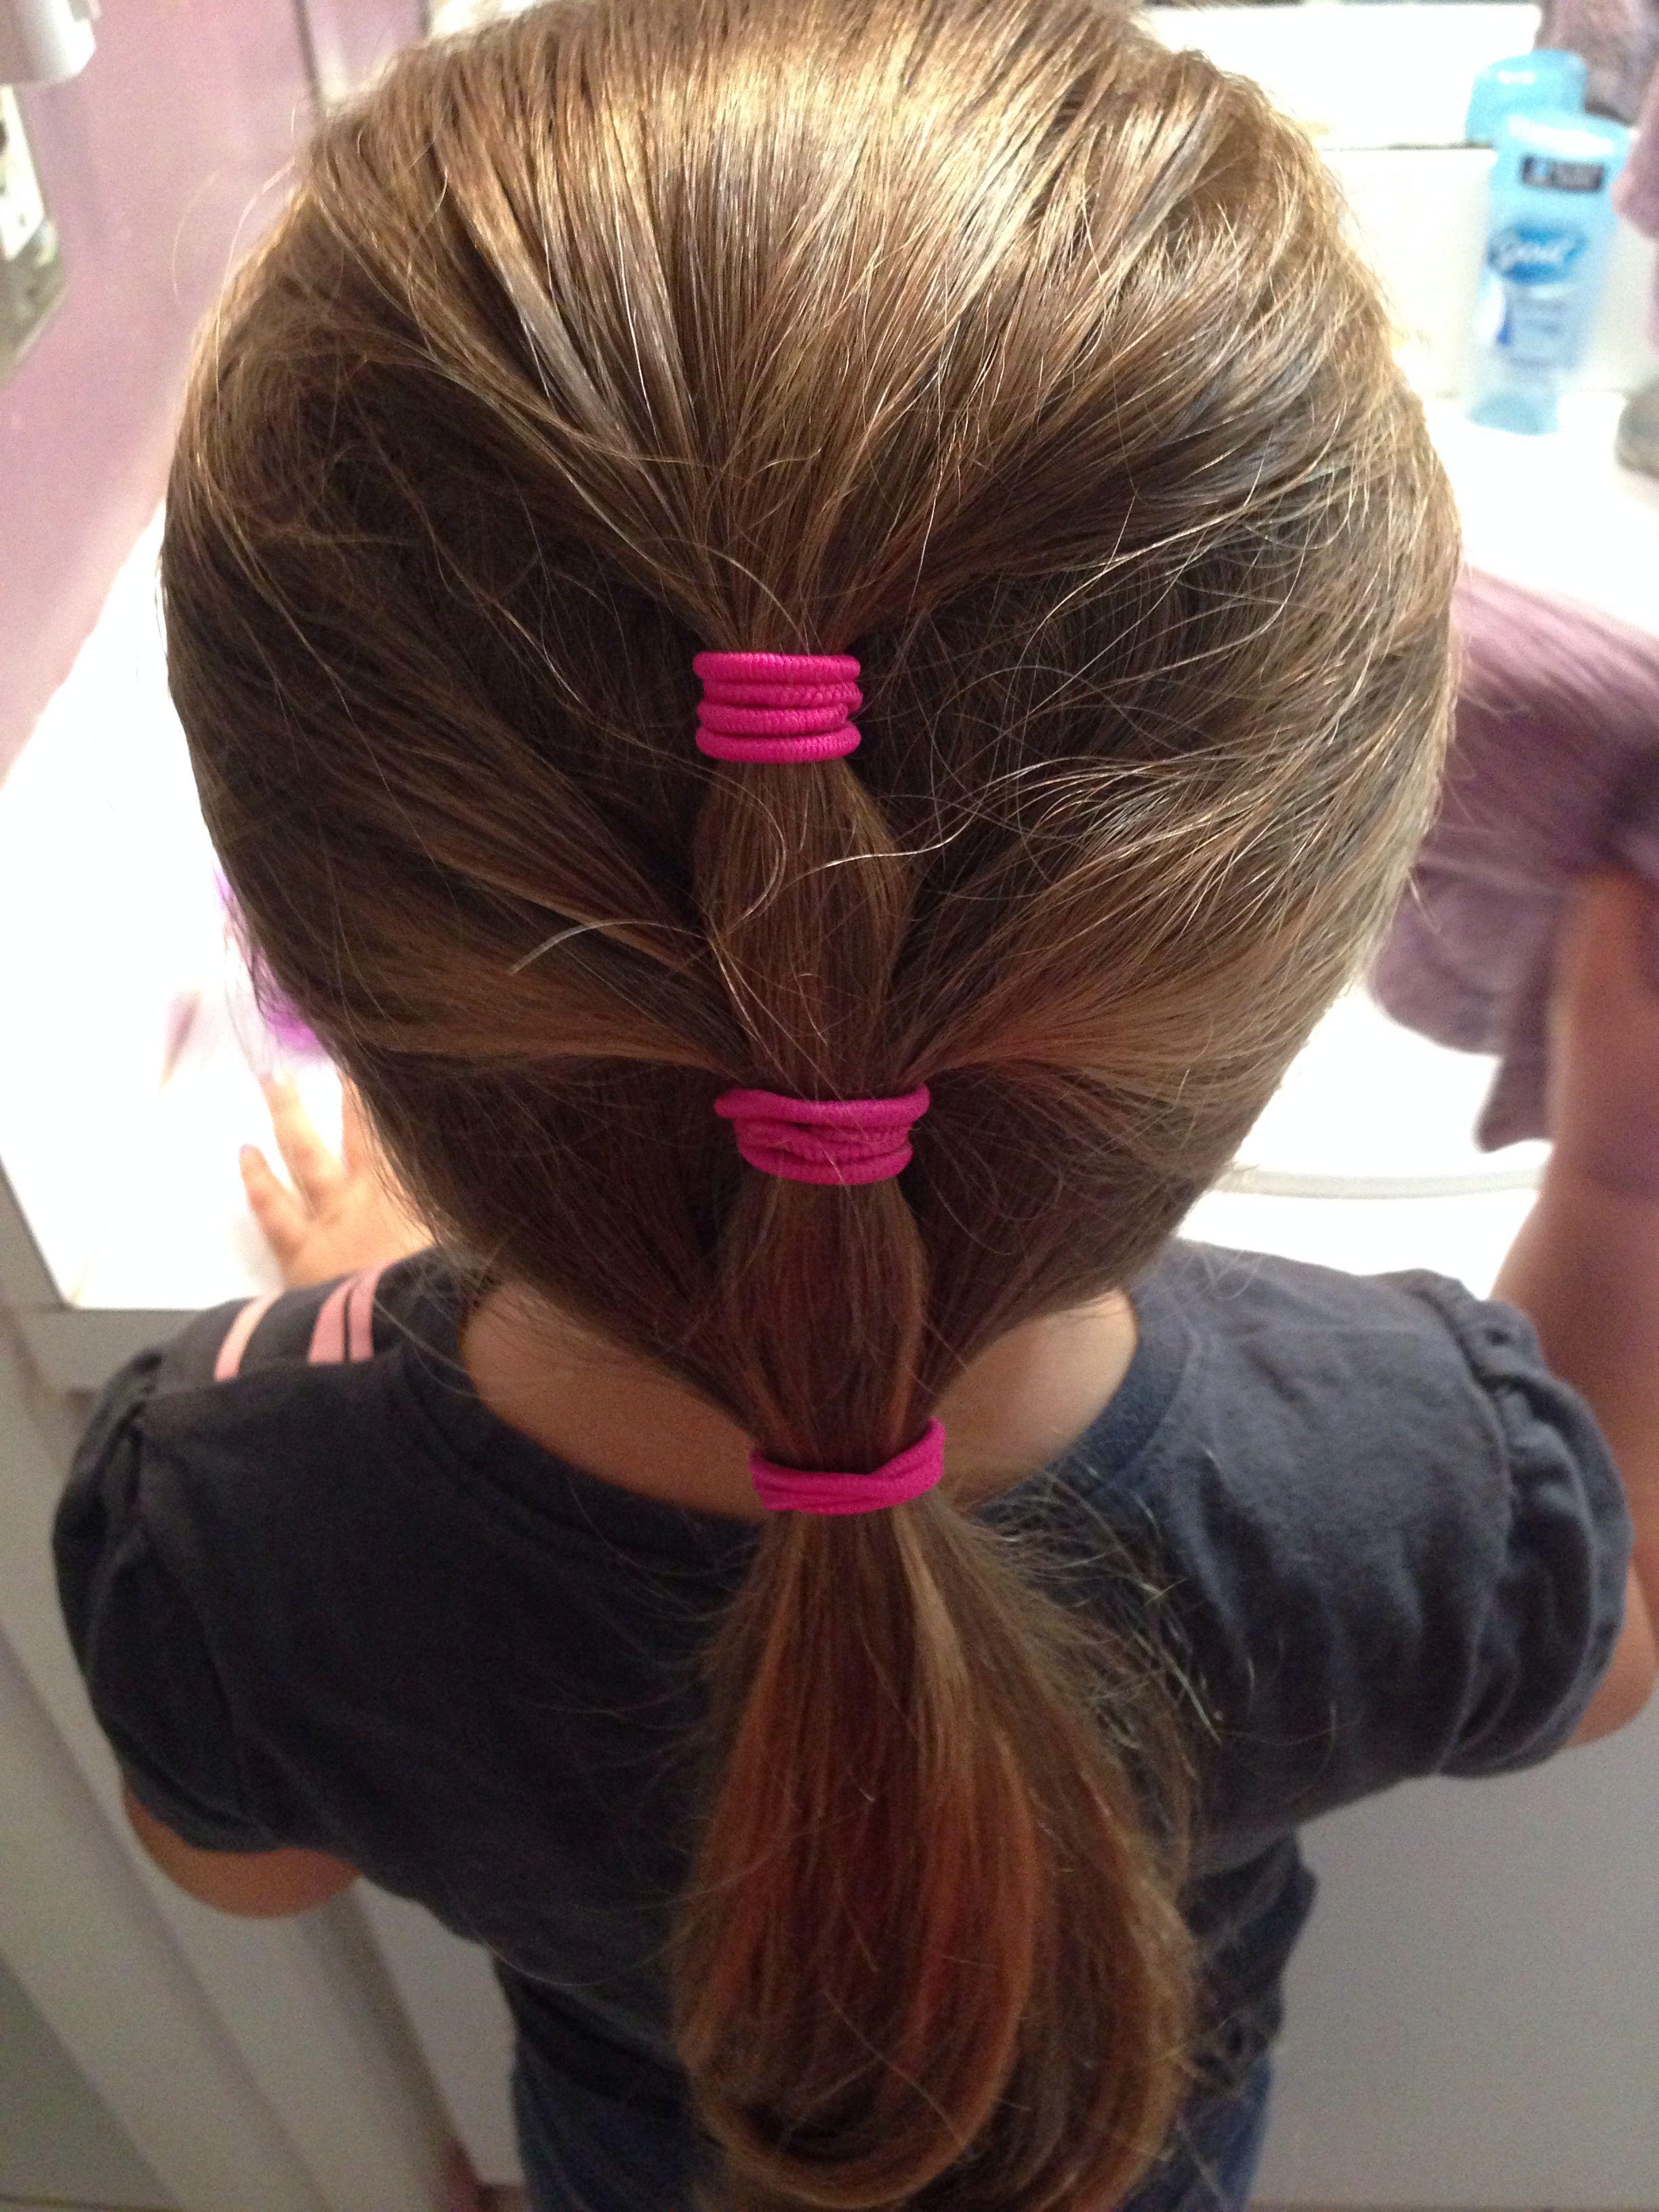 Easy hairstyle for little girl lou haar pinterest easy